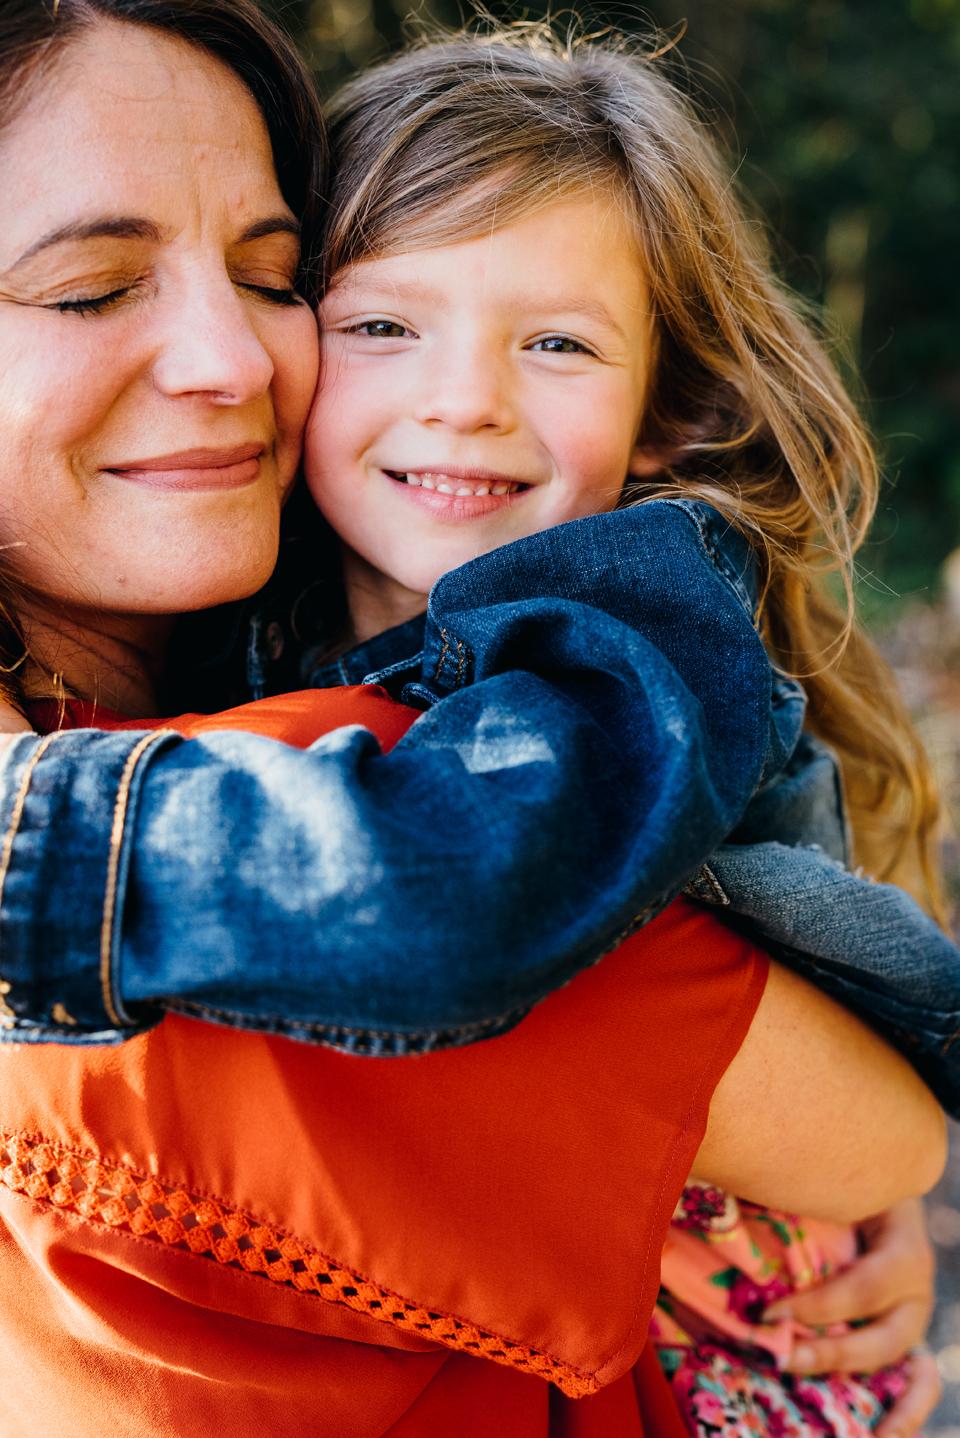 duvall-family-photographer-steph-family-summer-snoqulmie-valleyjtpa00175.JPG